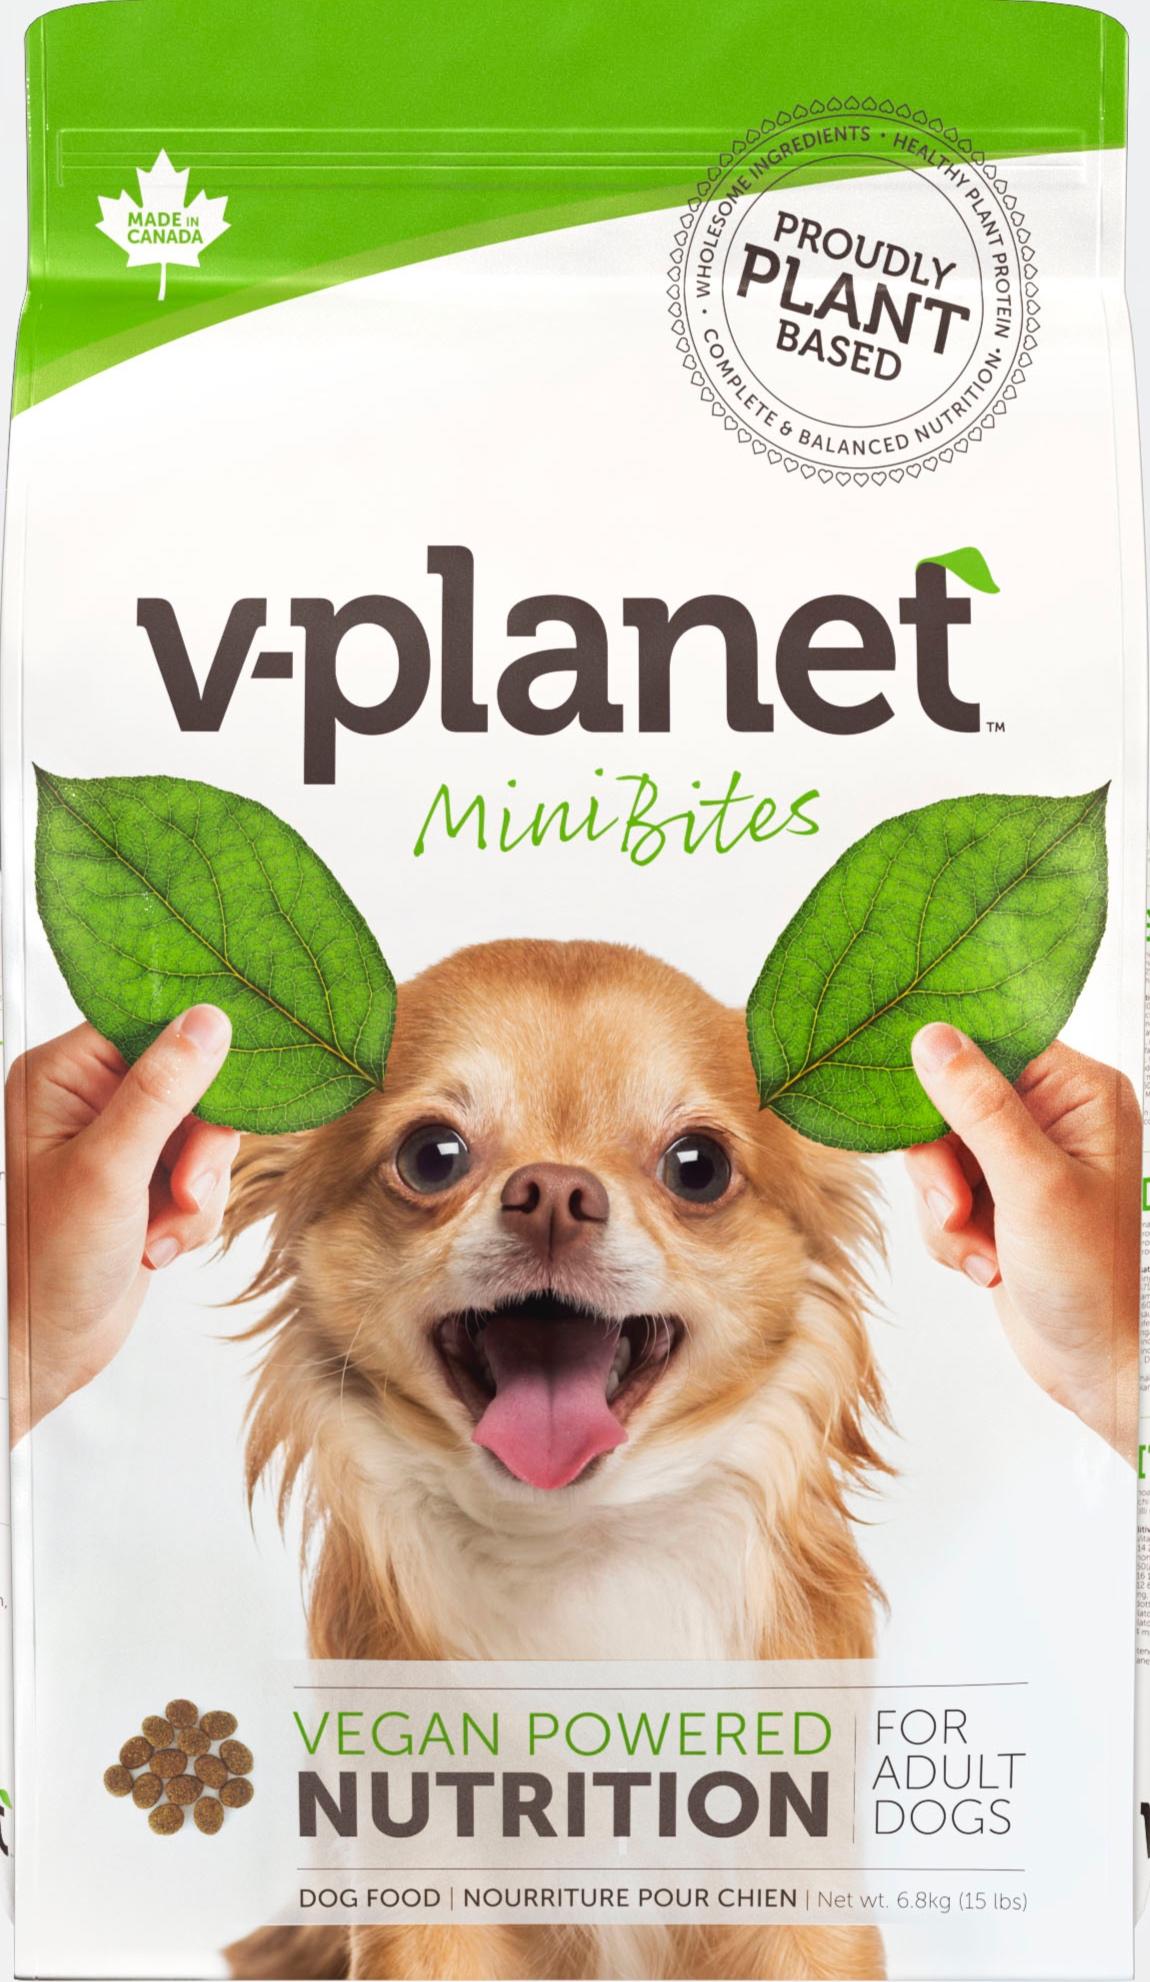 VPlanet_Bag15lb_6.8kg_miniBites_6_FA.jpg